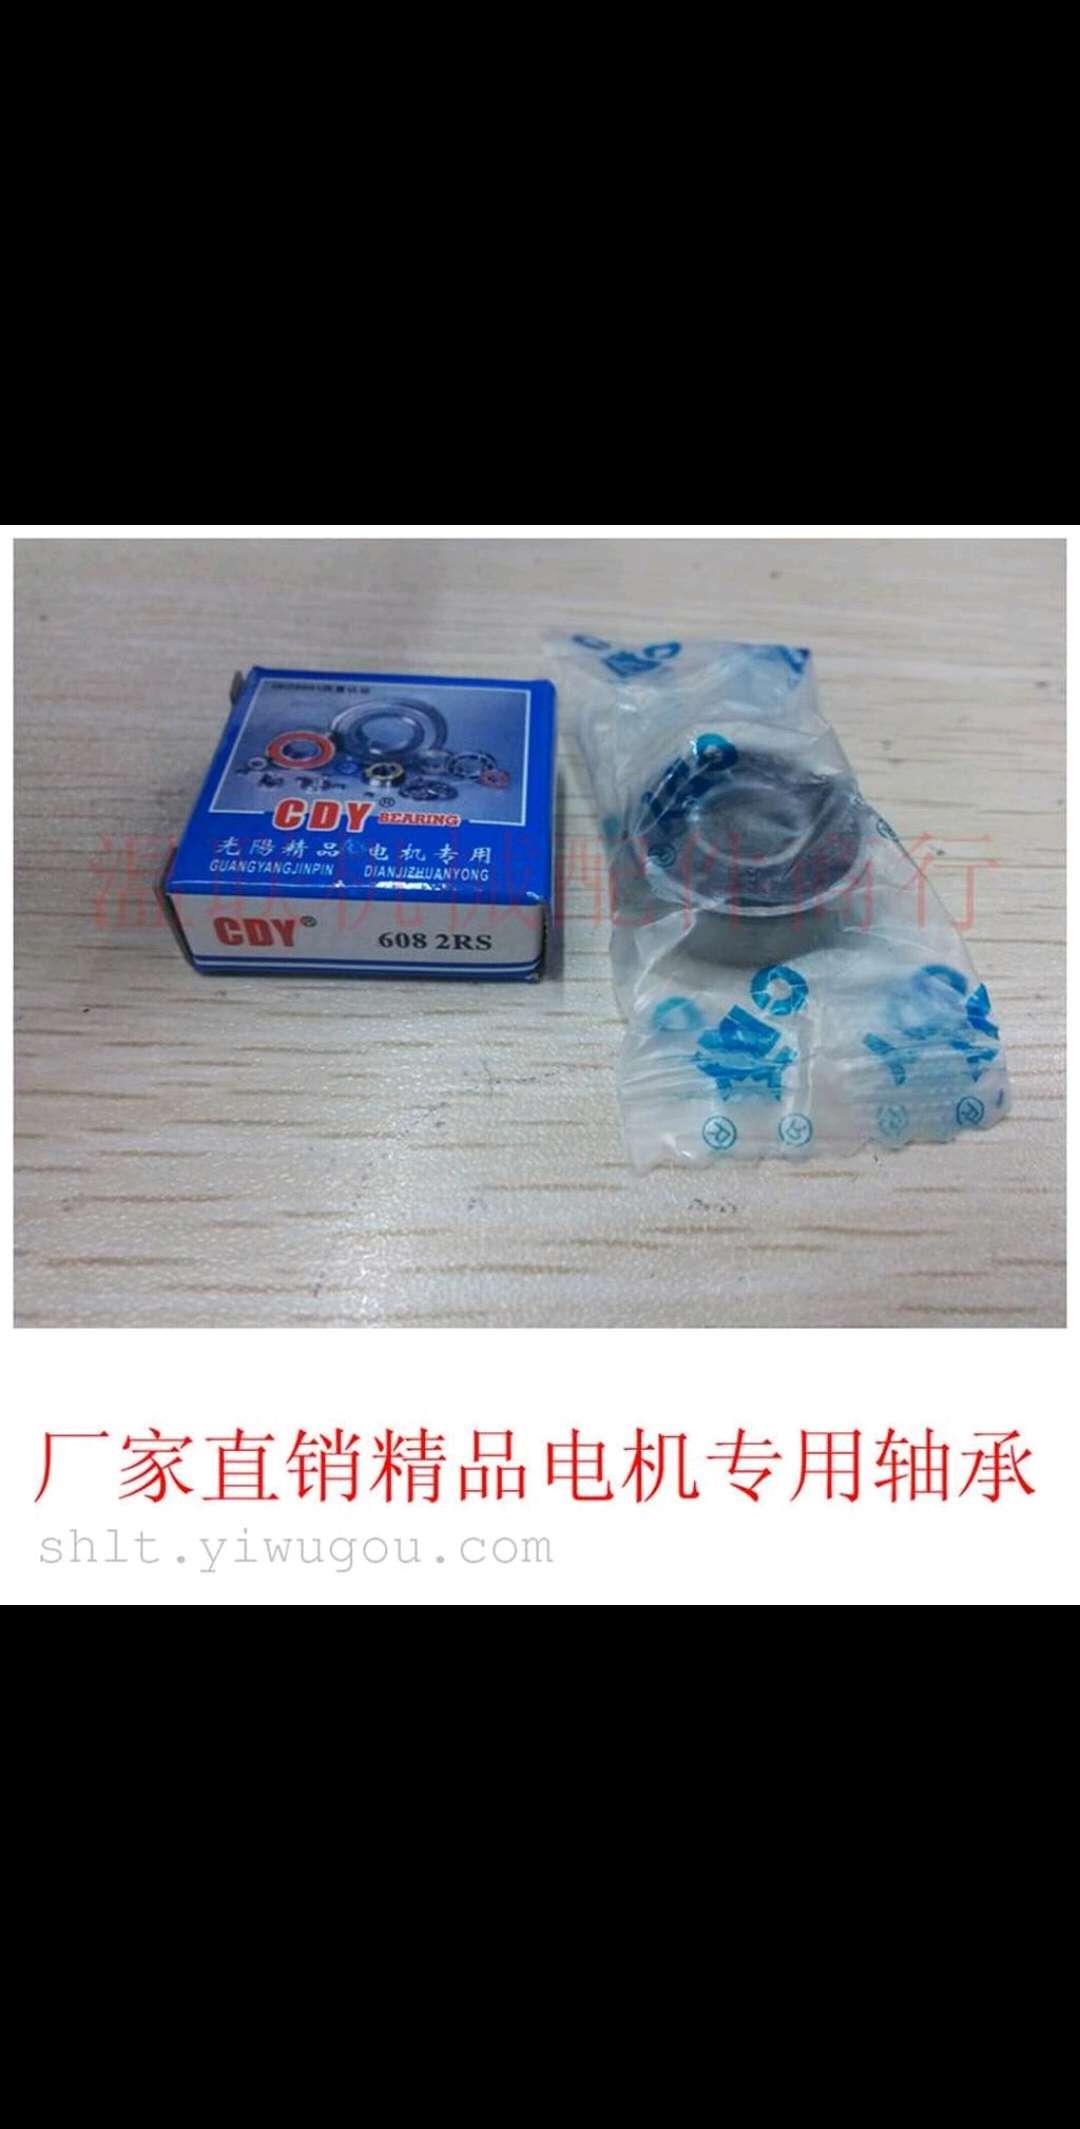 厂家直销光阳三亚电机轴承608CDY高精度低噪音